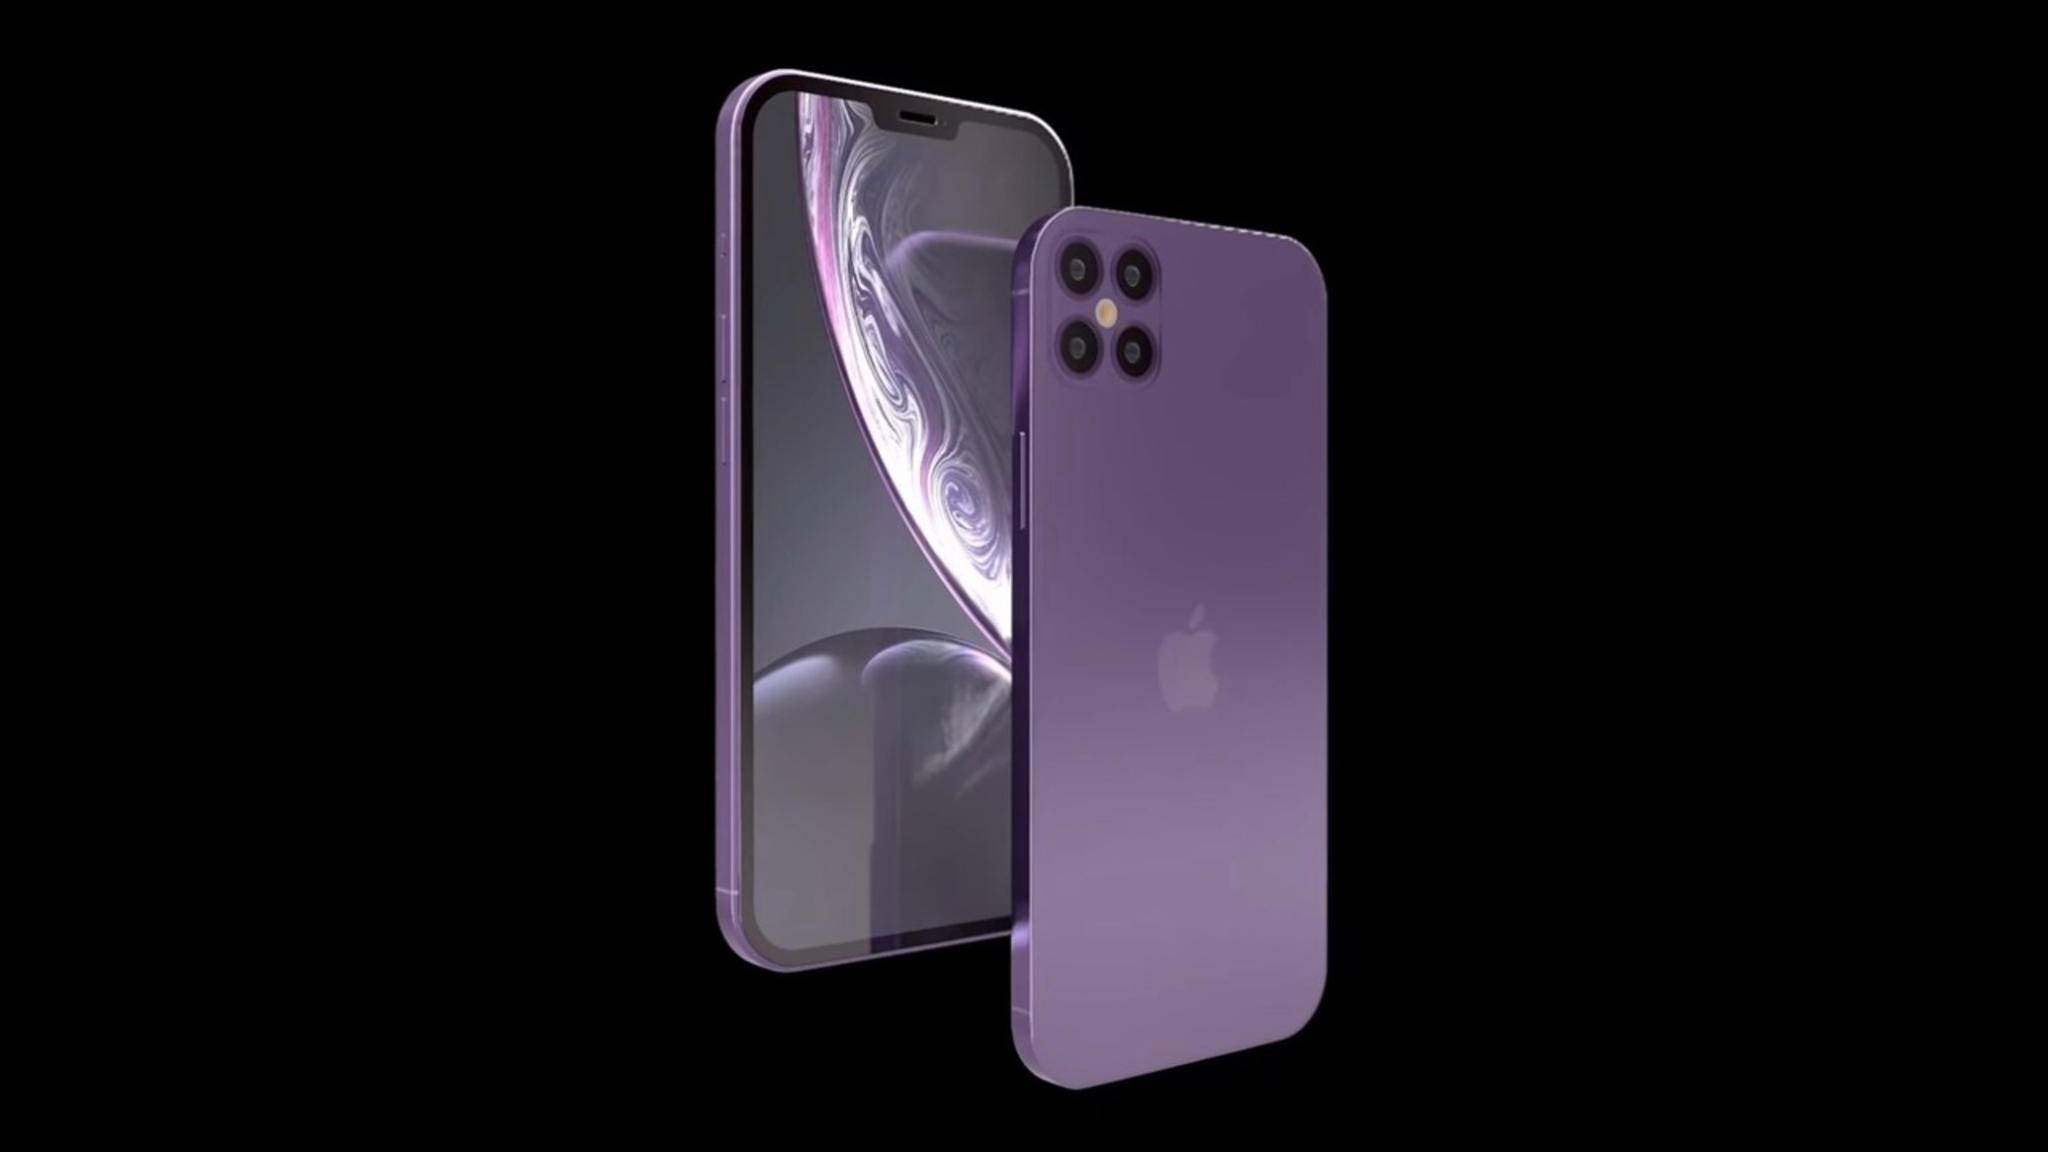 Dieses Konzept zeigt das iPhone 12 mit vier Kameralinsen auf der Rückseite.